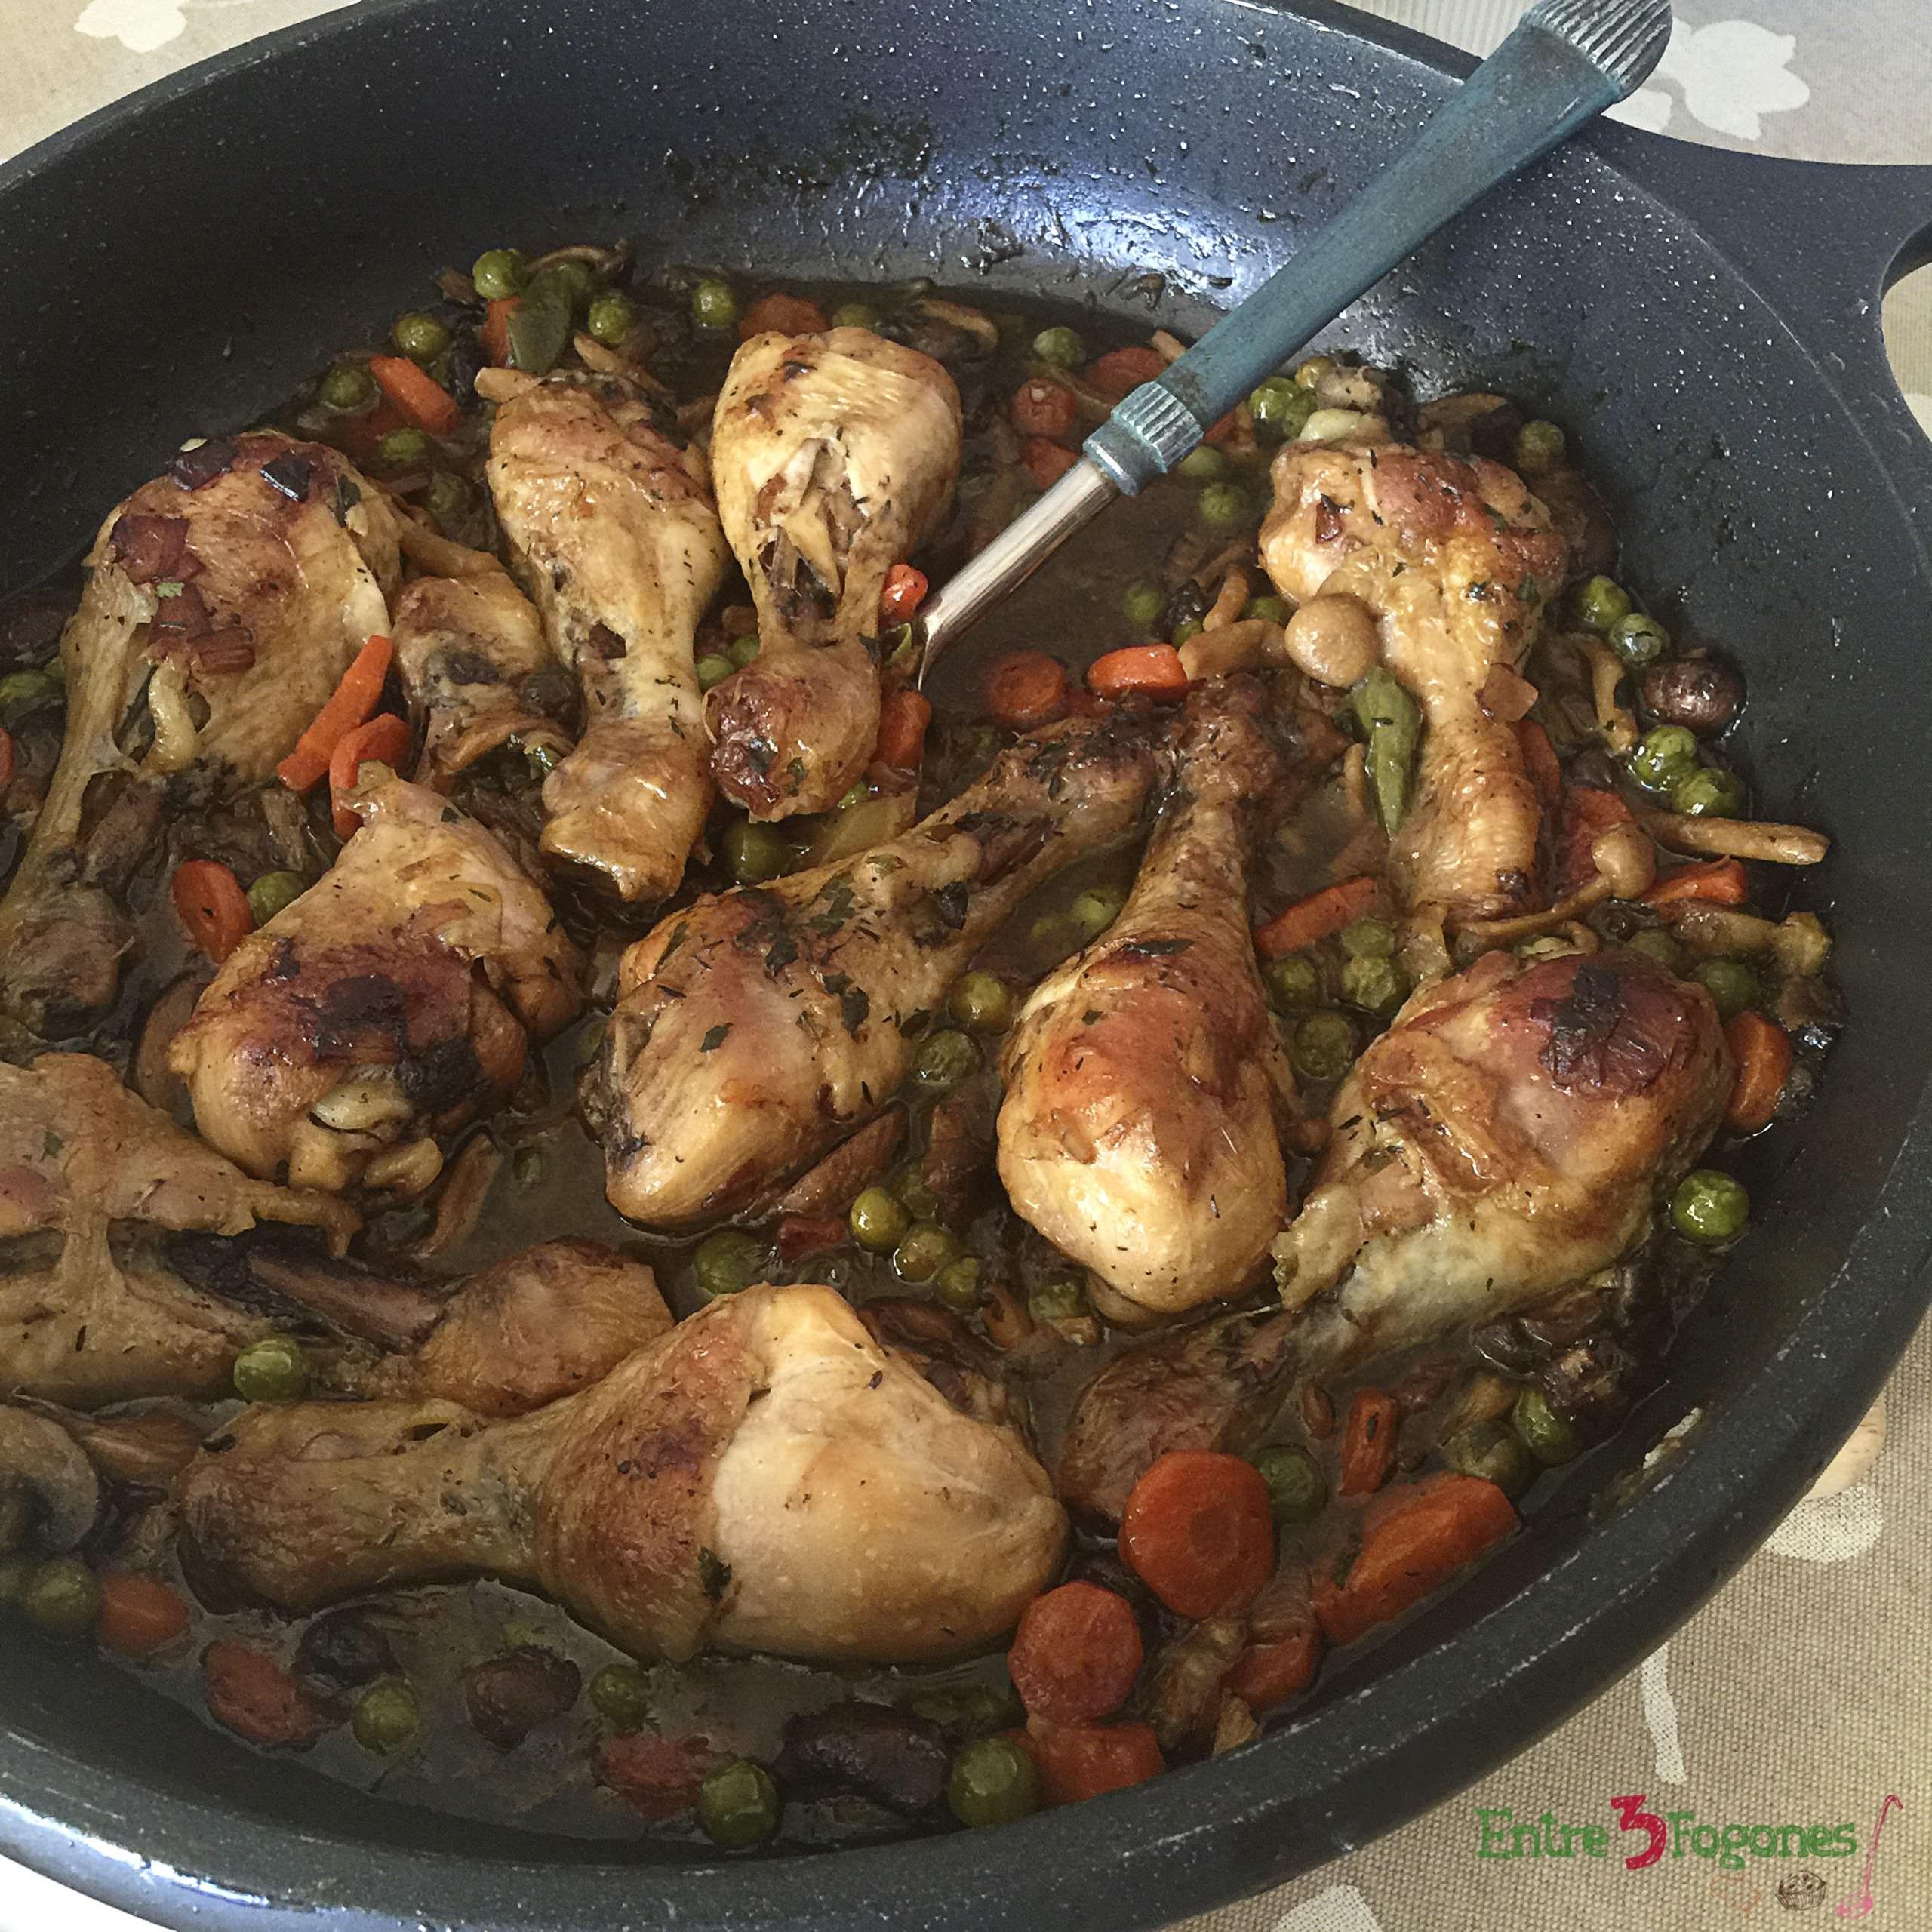 Jamoncitos de Pollo con Verduras a la Cerveza Negra